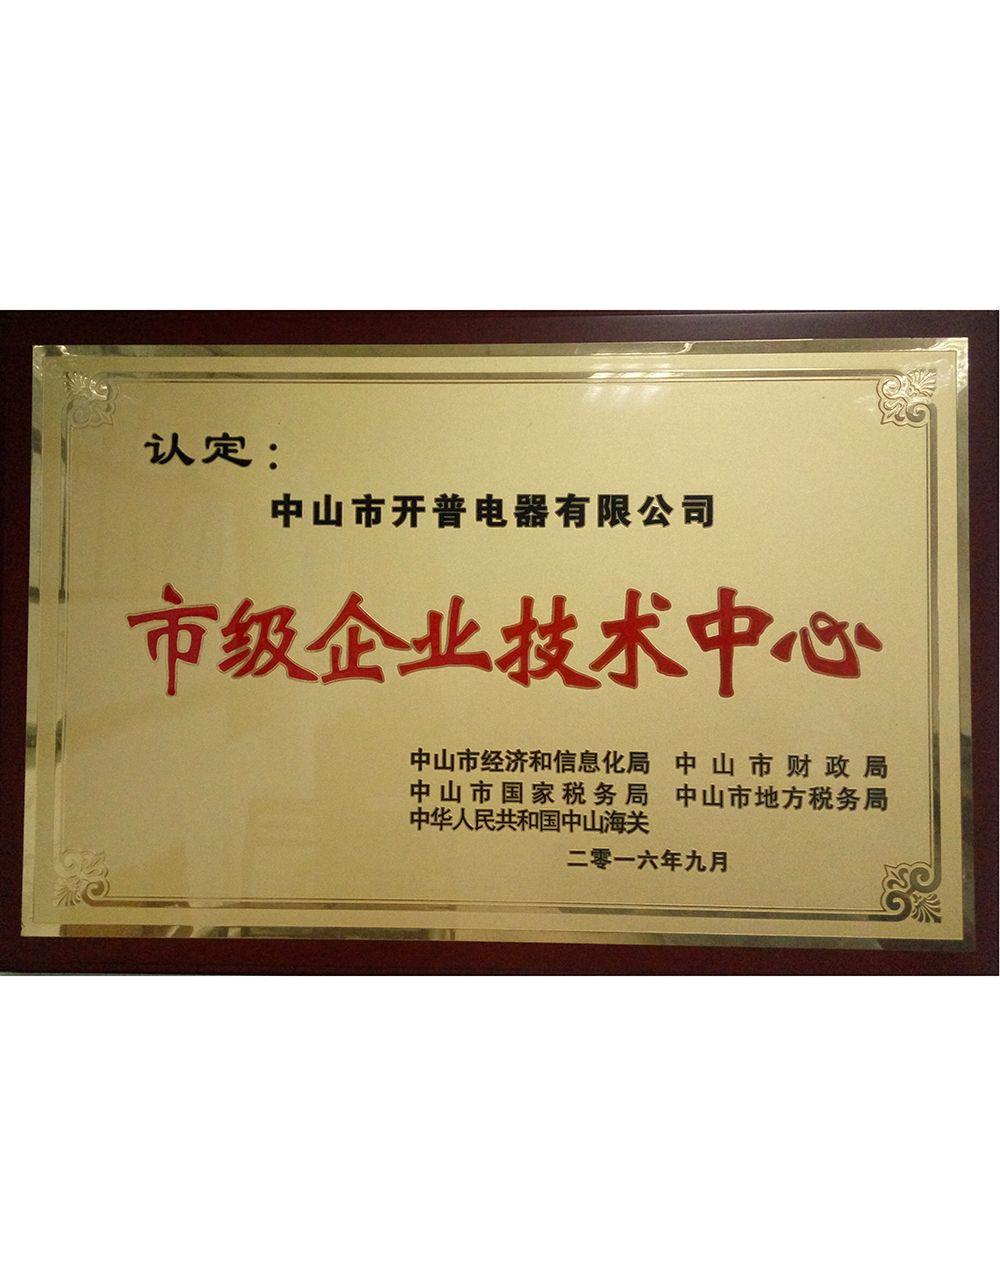 中山市市级企业技术中心-证书